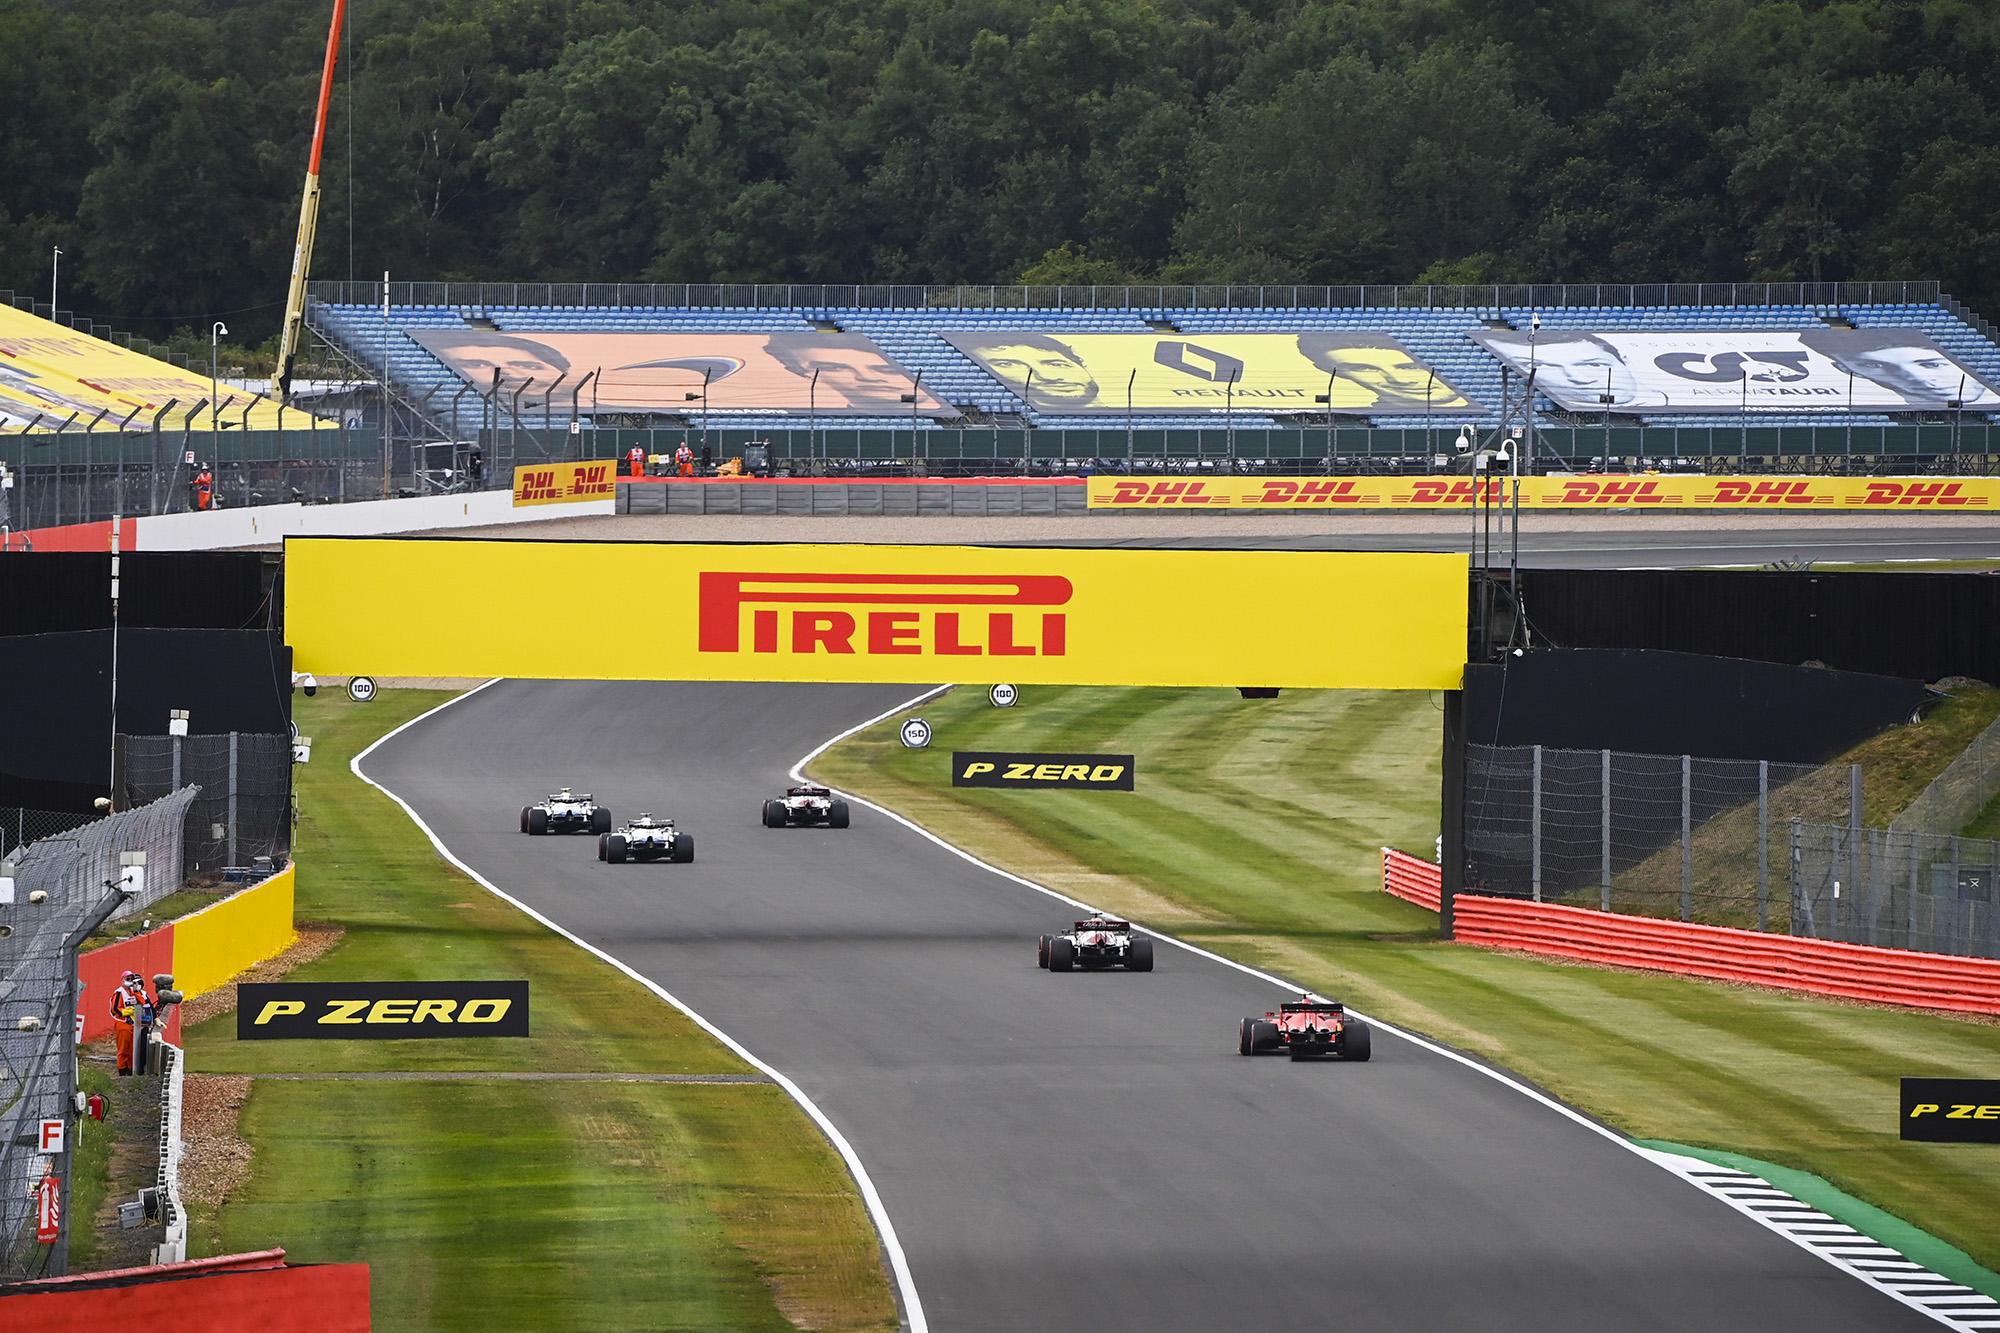 Σήμερα το βράδυ στη F1 πρόβα τζενεράλε με το Sprint 100